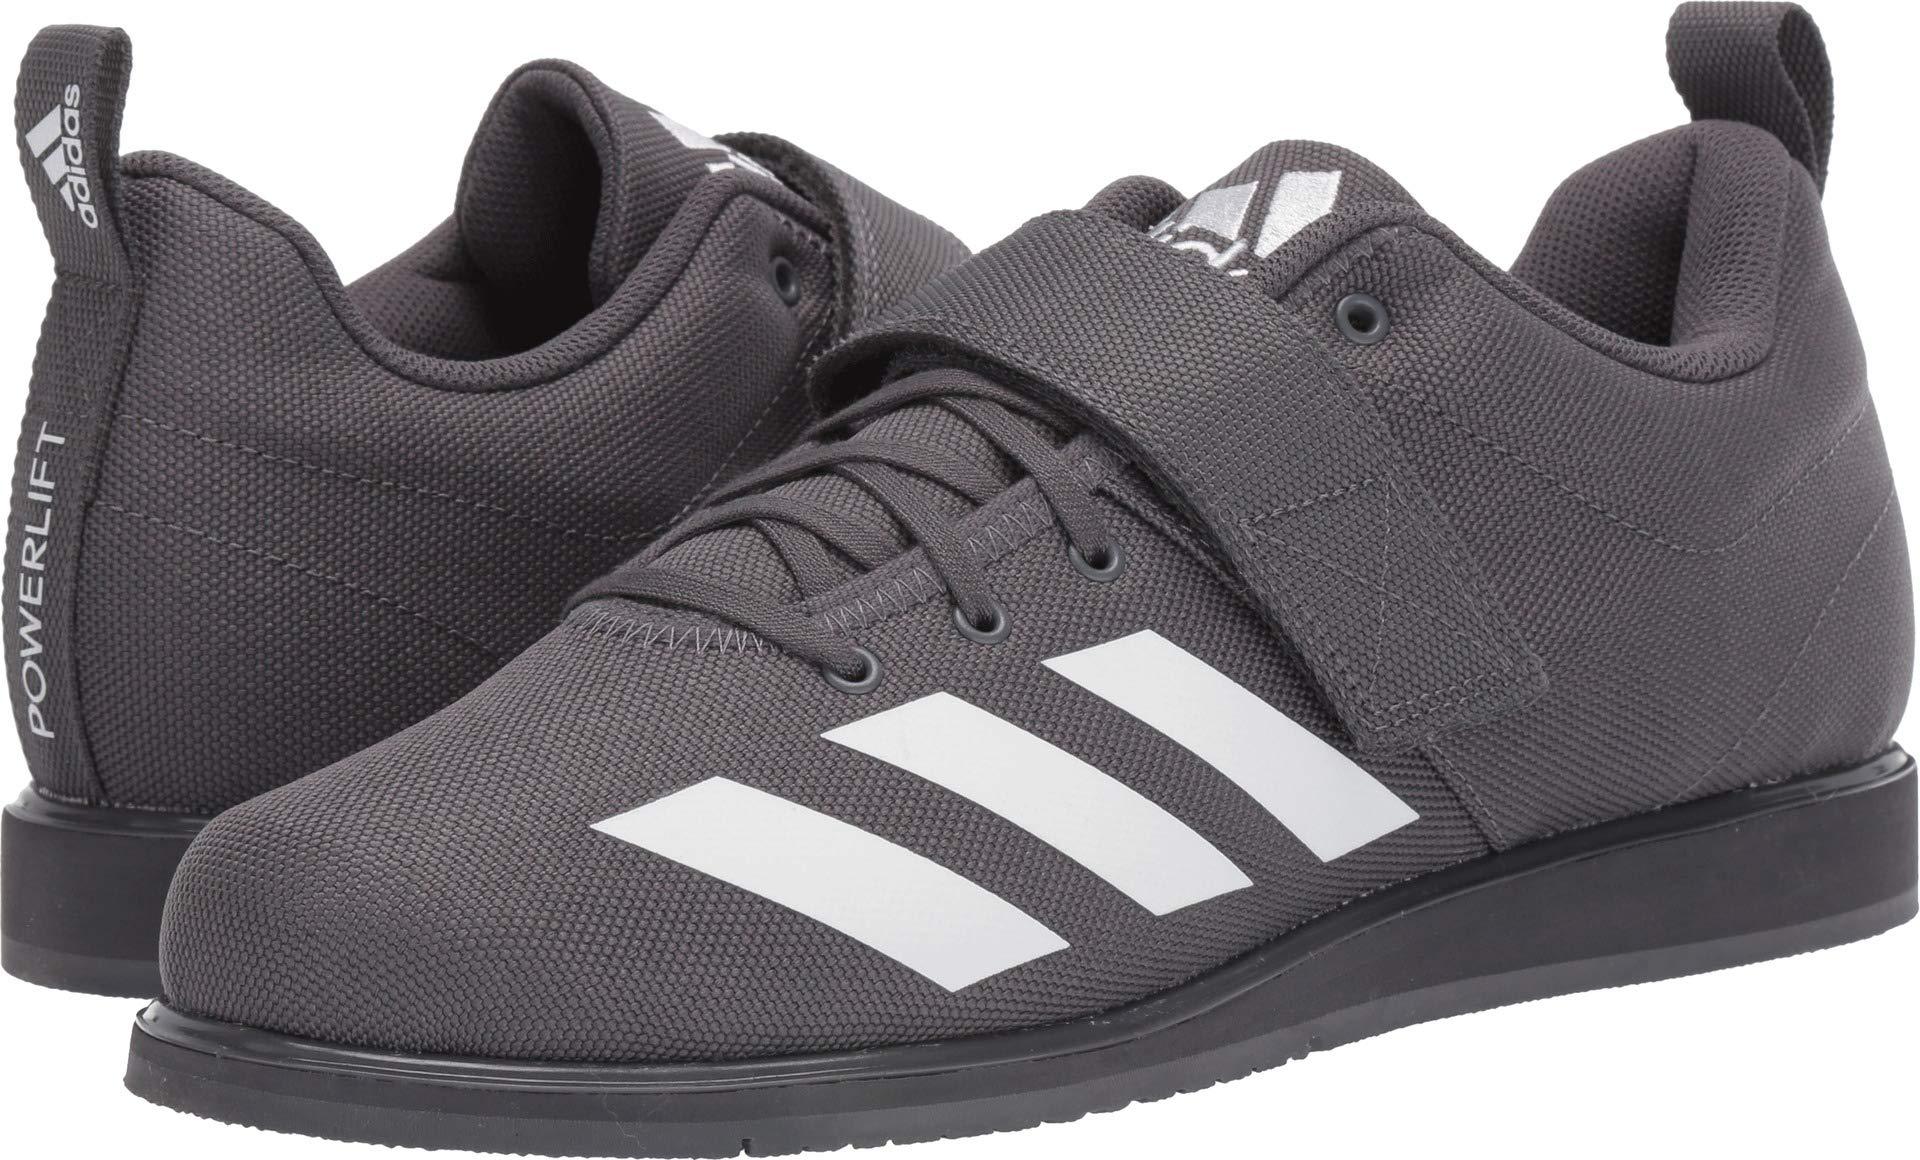 adidas Men's Powerlift 4, White/Grey, 4 M US